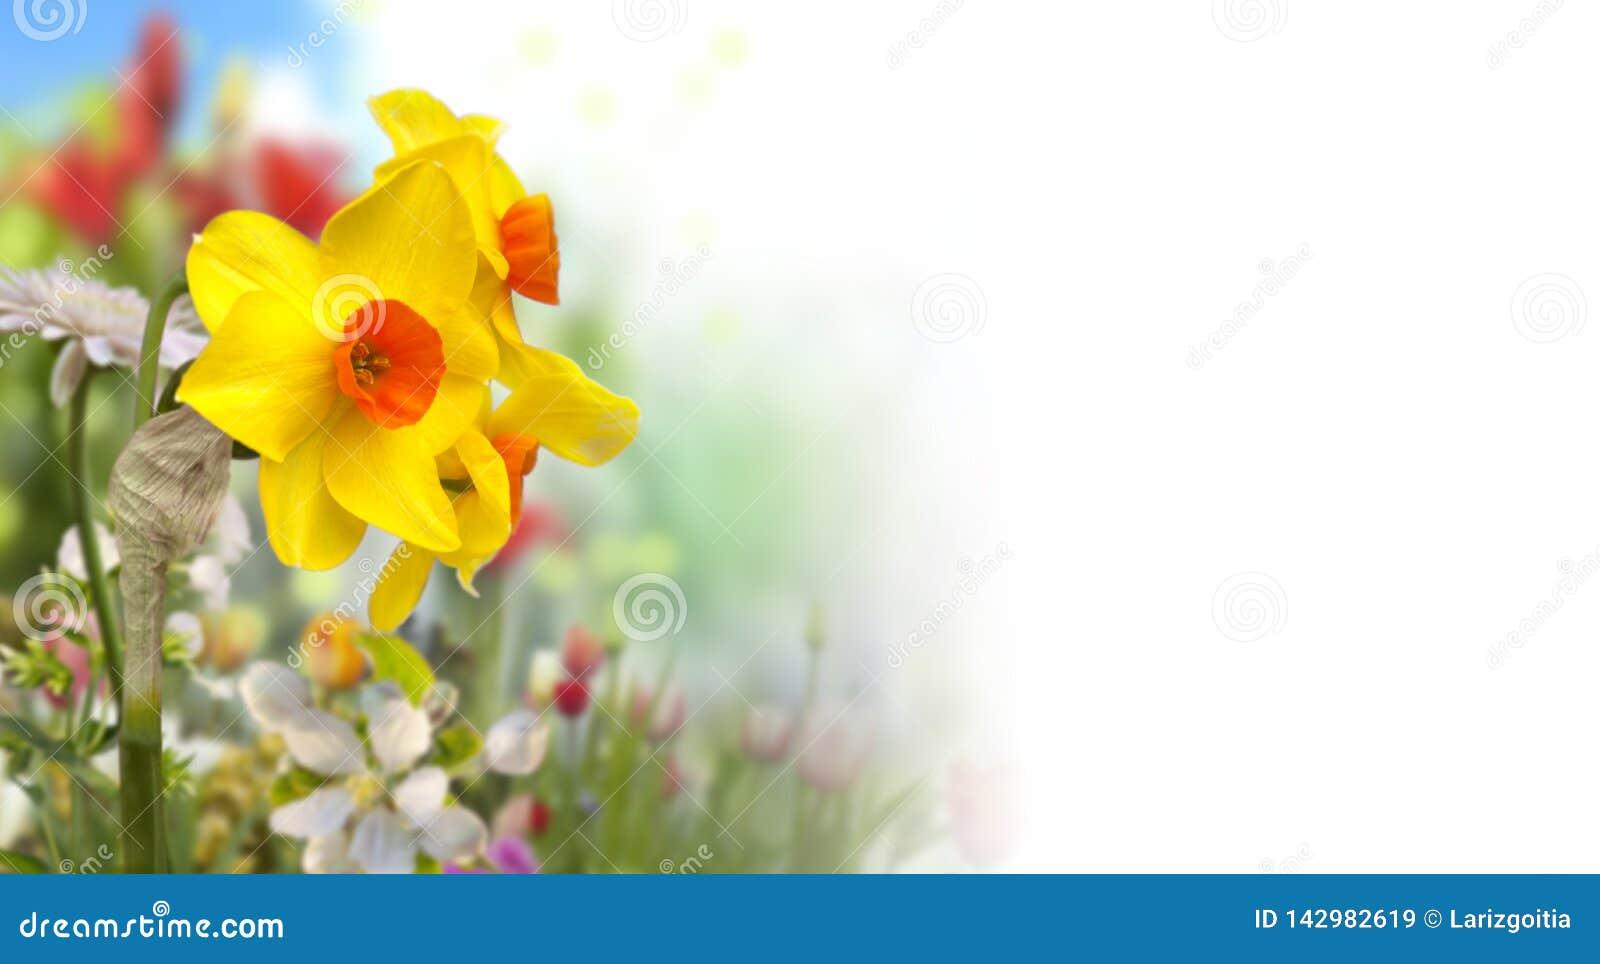 De gele en oranje gele narcissen en defocused gekleurde bloemen in de lentetuin met witte achtergrond op het recht